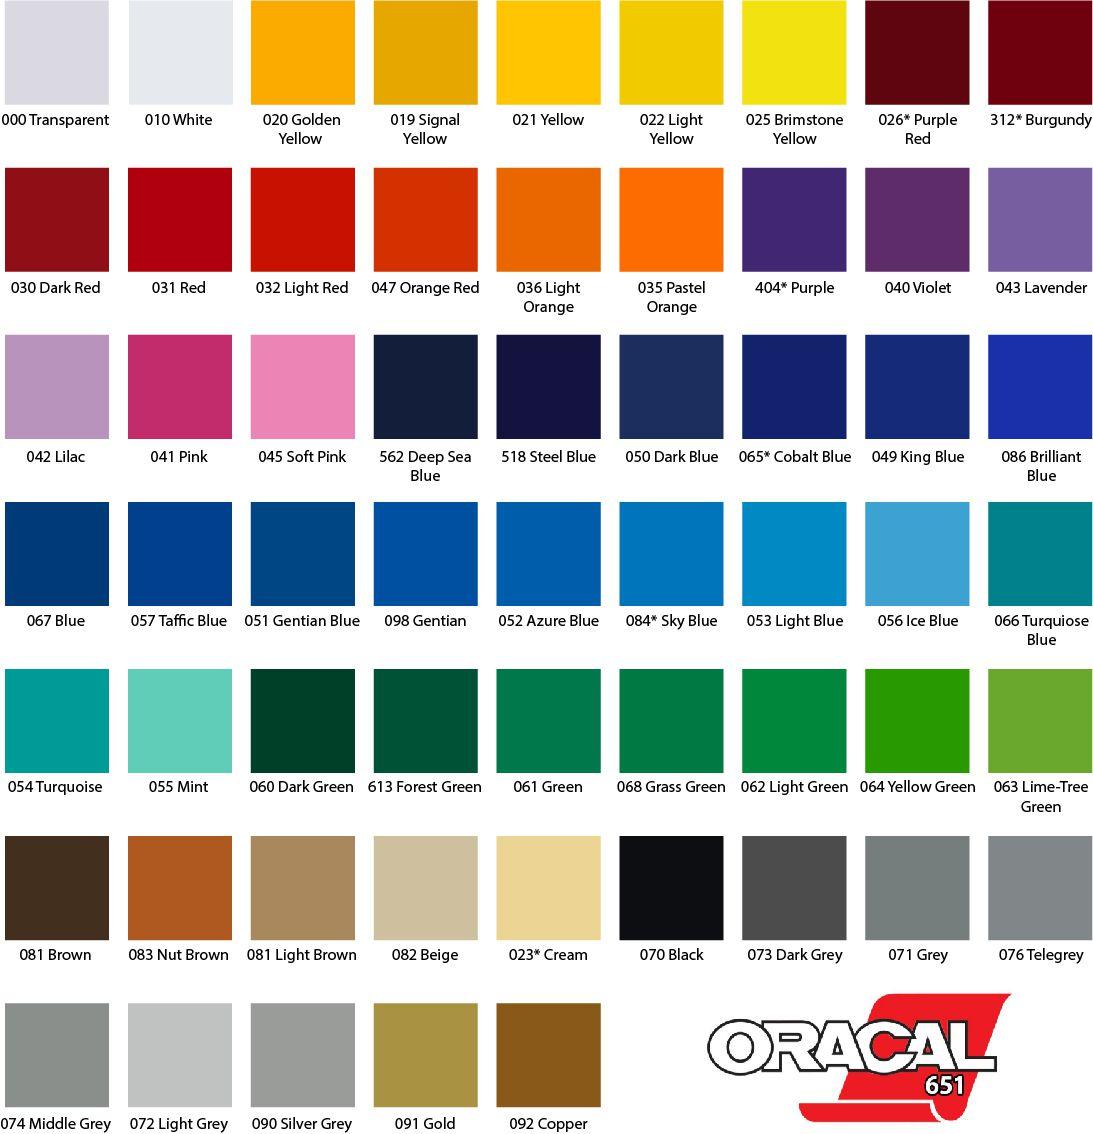 Adesivo Oracal 651 056 Ice Blue 1,26m x 1,00m